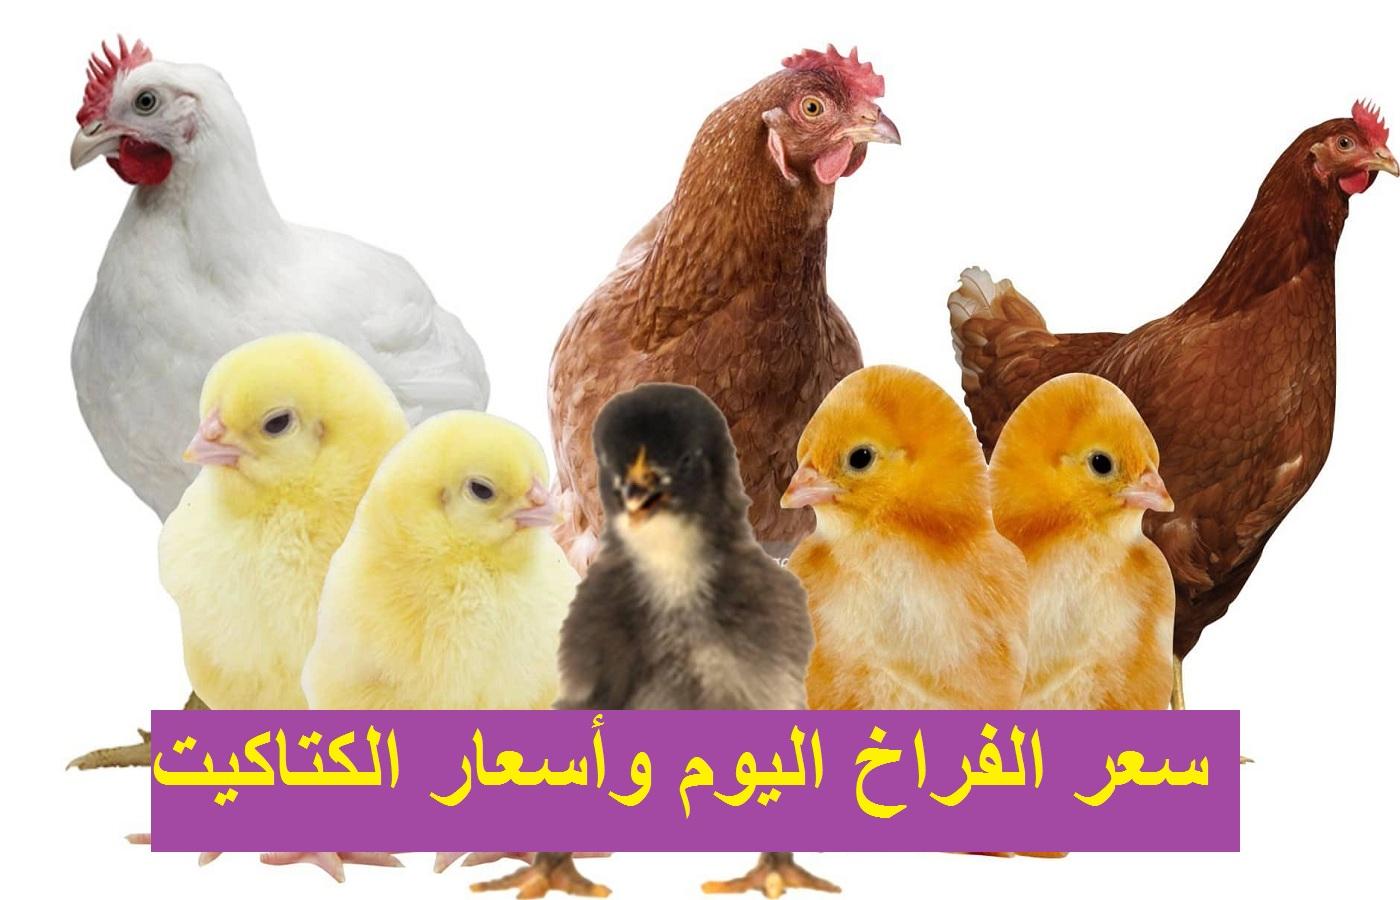 أسعار الكتاكيت 12 مايو.. ارتفاع غير مُتوقع في سعر الكتكوت الابيض اليوم الأربعاء وزيادة سعر الفراخ البيضاء 5